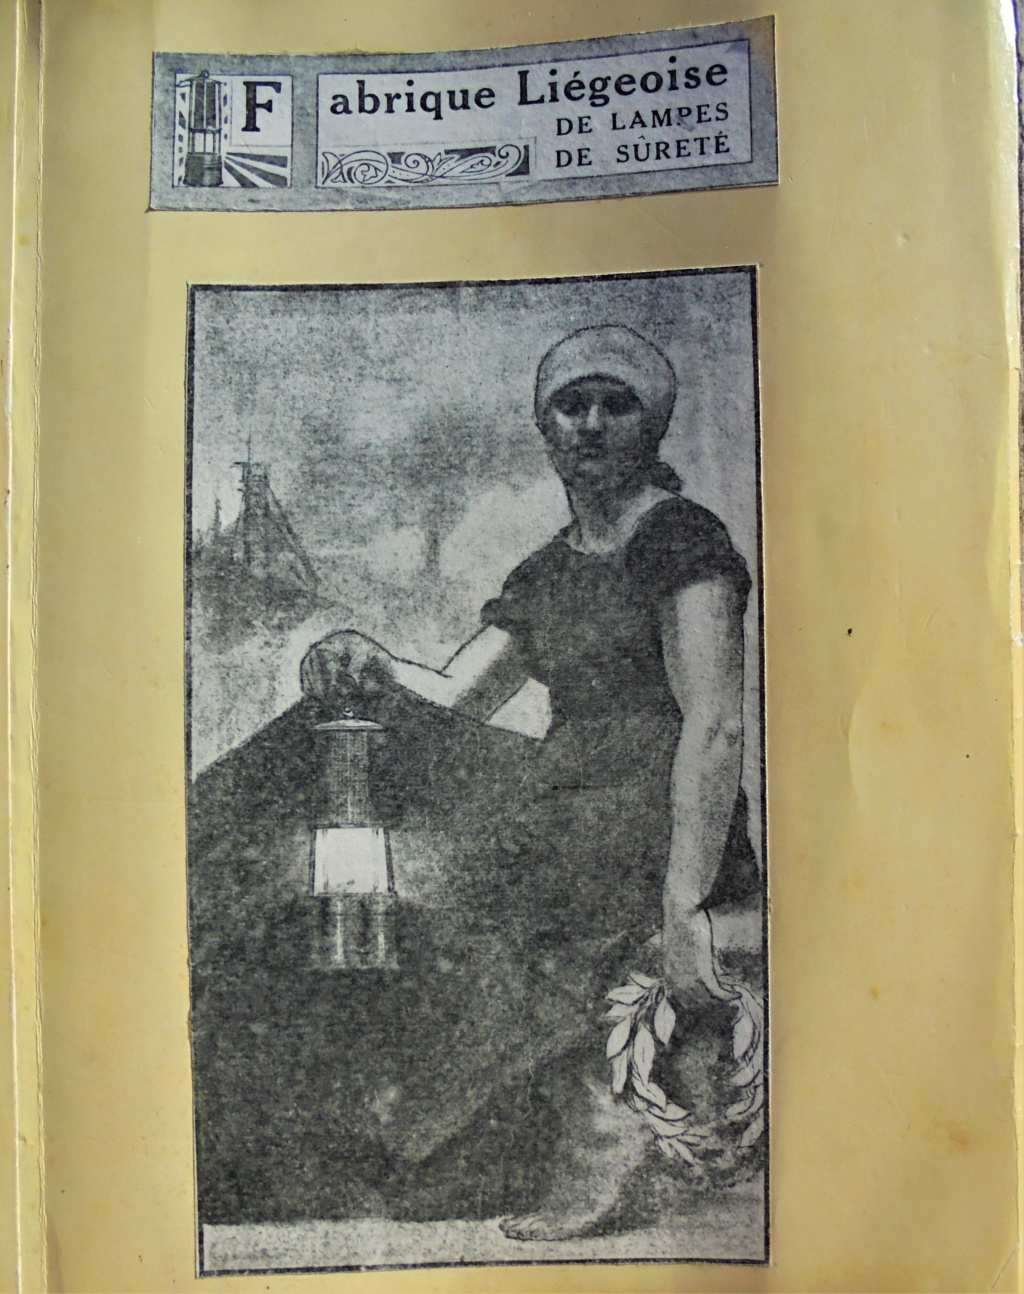 lampes de mineurs,  divers objets de mine, outils de mineur et documents  - Page 11 Dsc01231